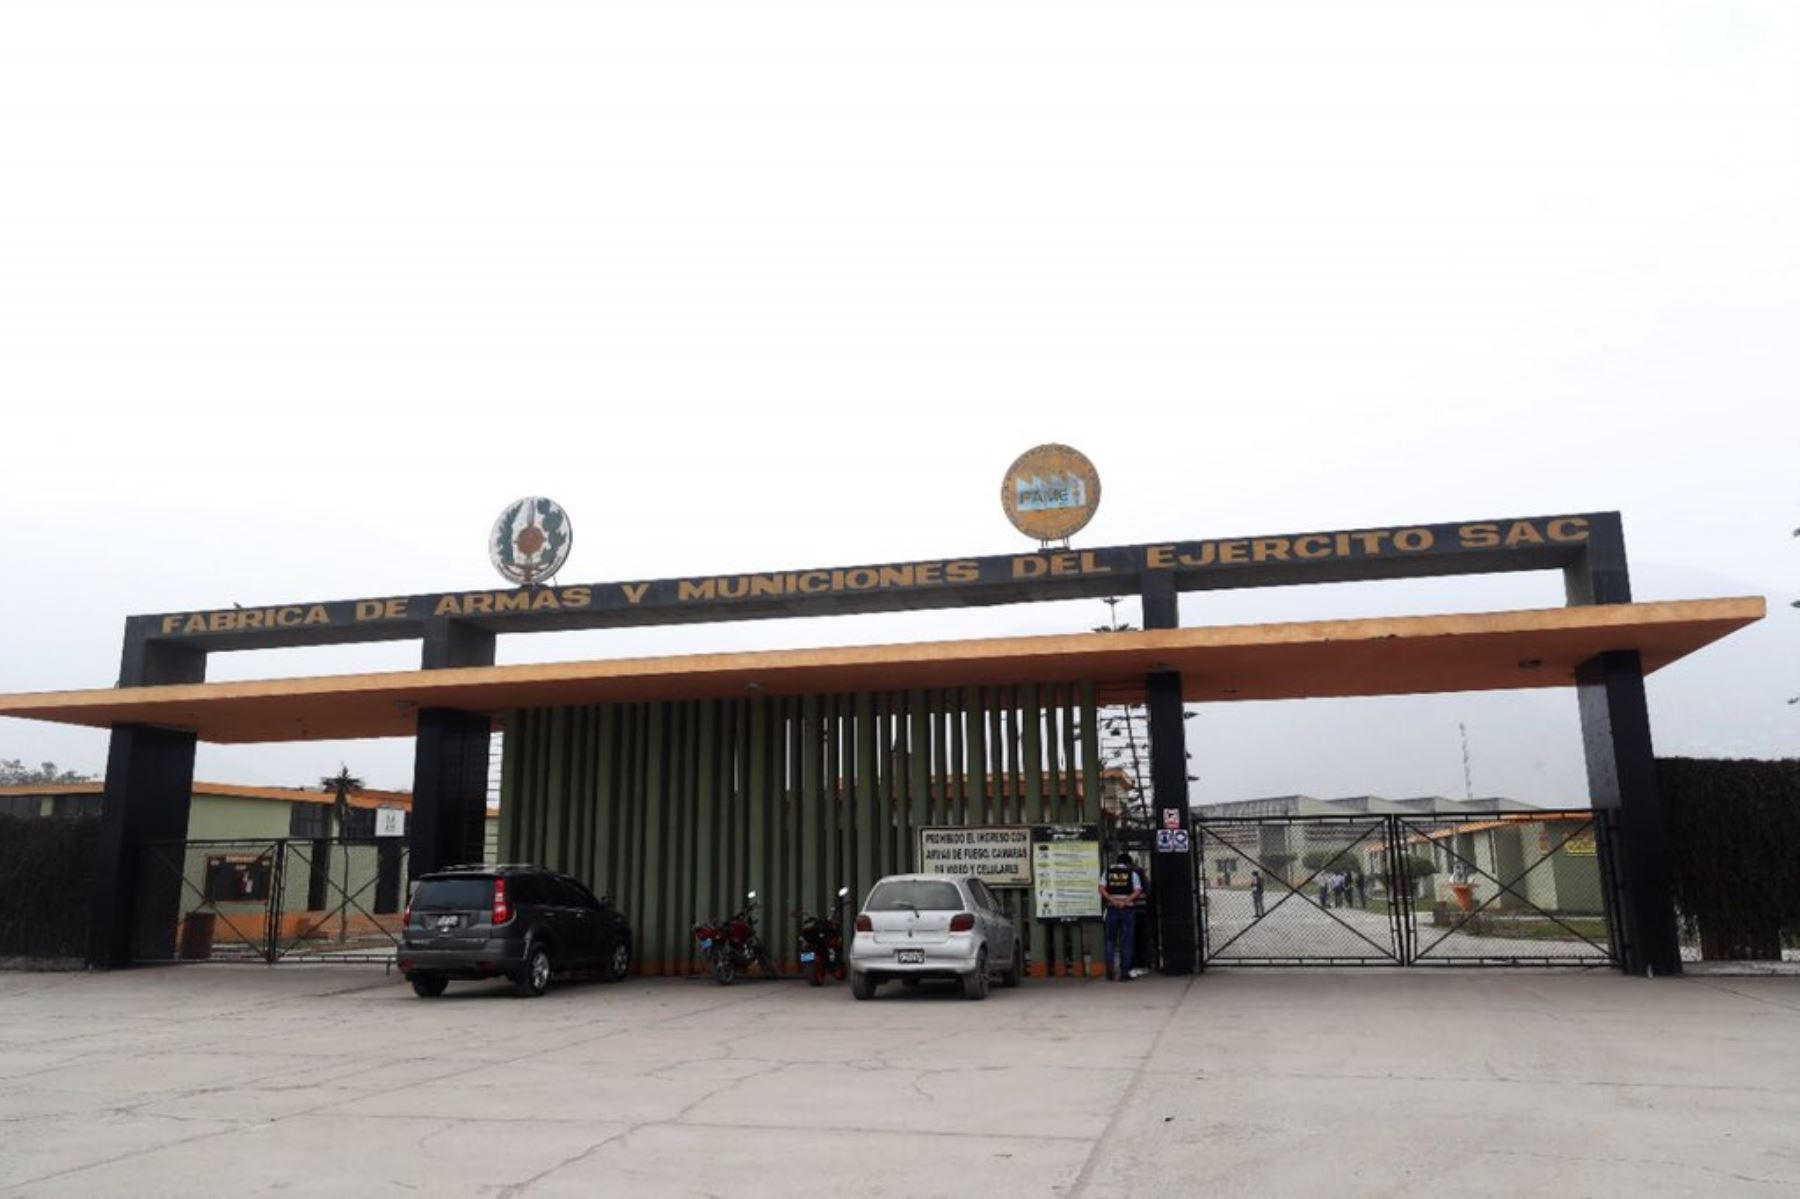 A consecuencia de una explosión se produjo un incendio en un polvorín dentro de las instalaciones de la Fábrica de Armas y Municiones del Ejército S.A.C (FAME SAC), Foto: Ministerio de Defensa